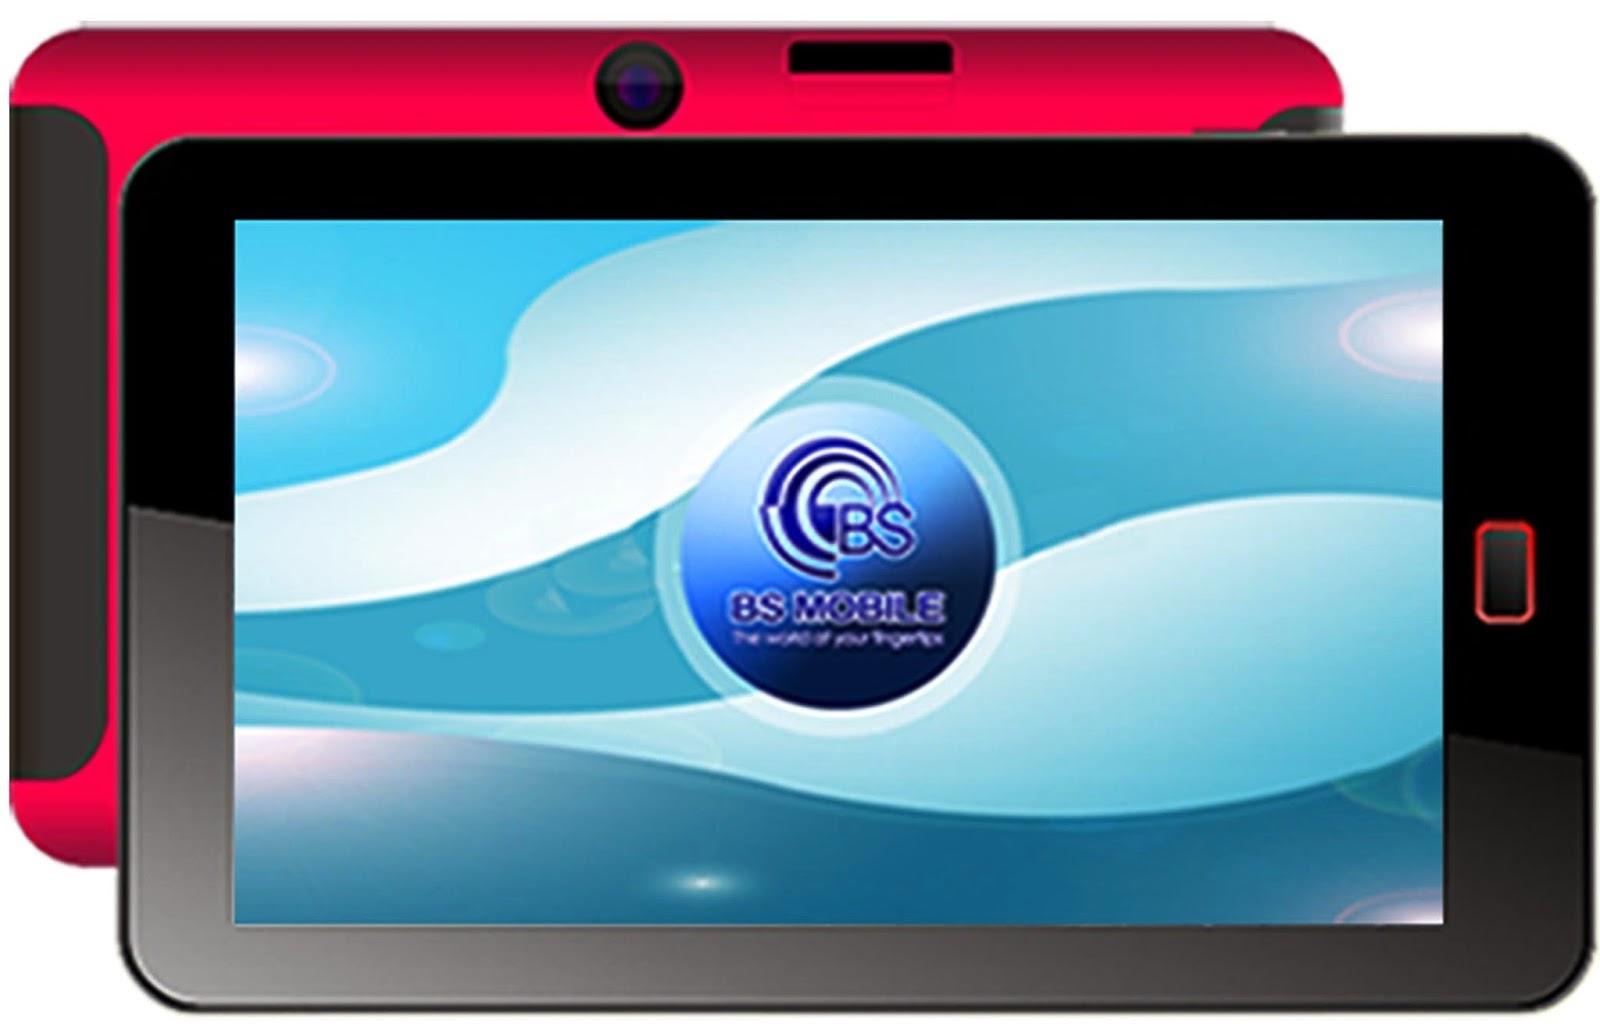 BS Mobile Neptune Z